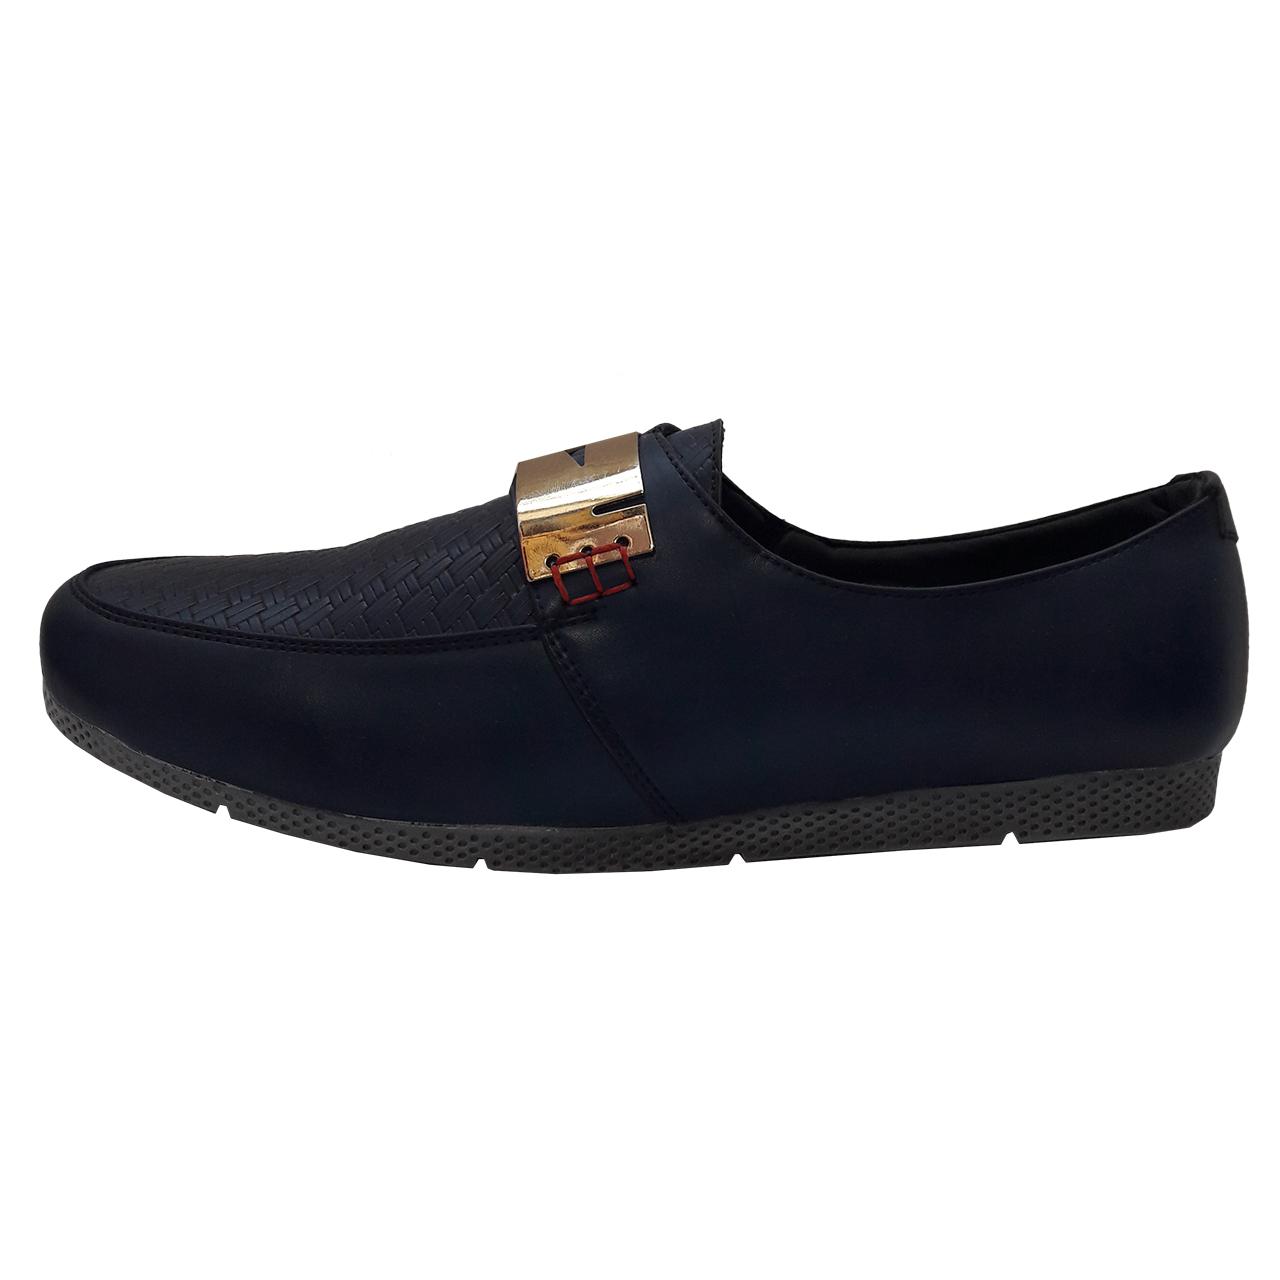 قیمت کفش مردانه لاماسو مدل  Tiger nvy01